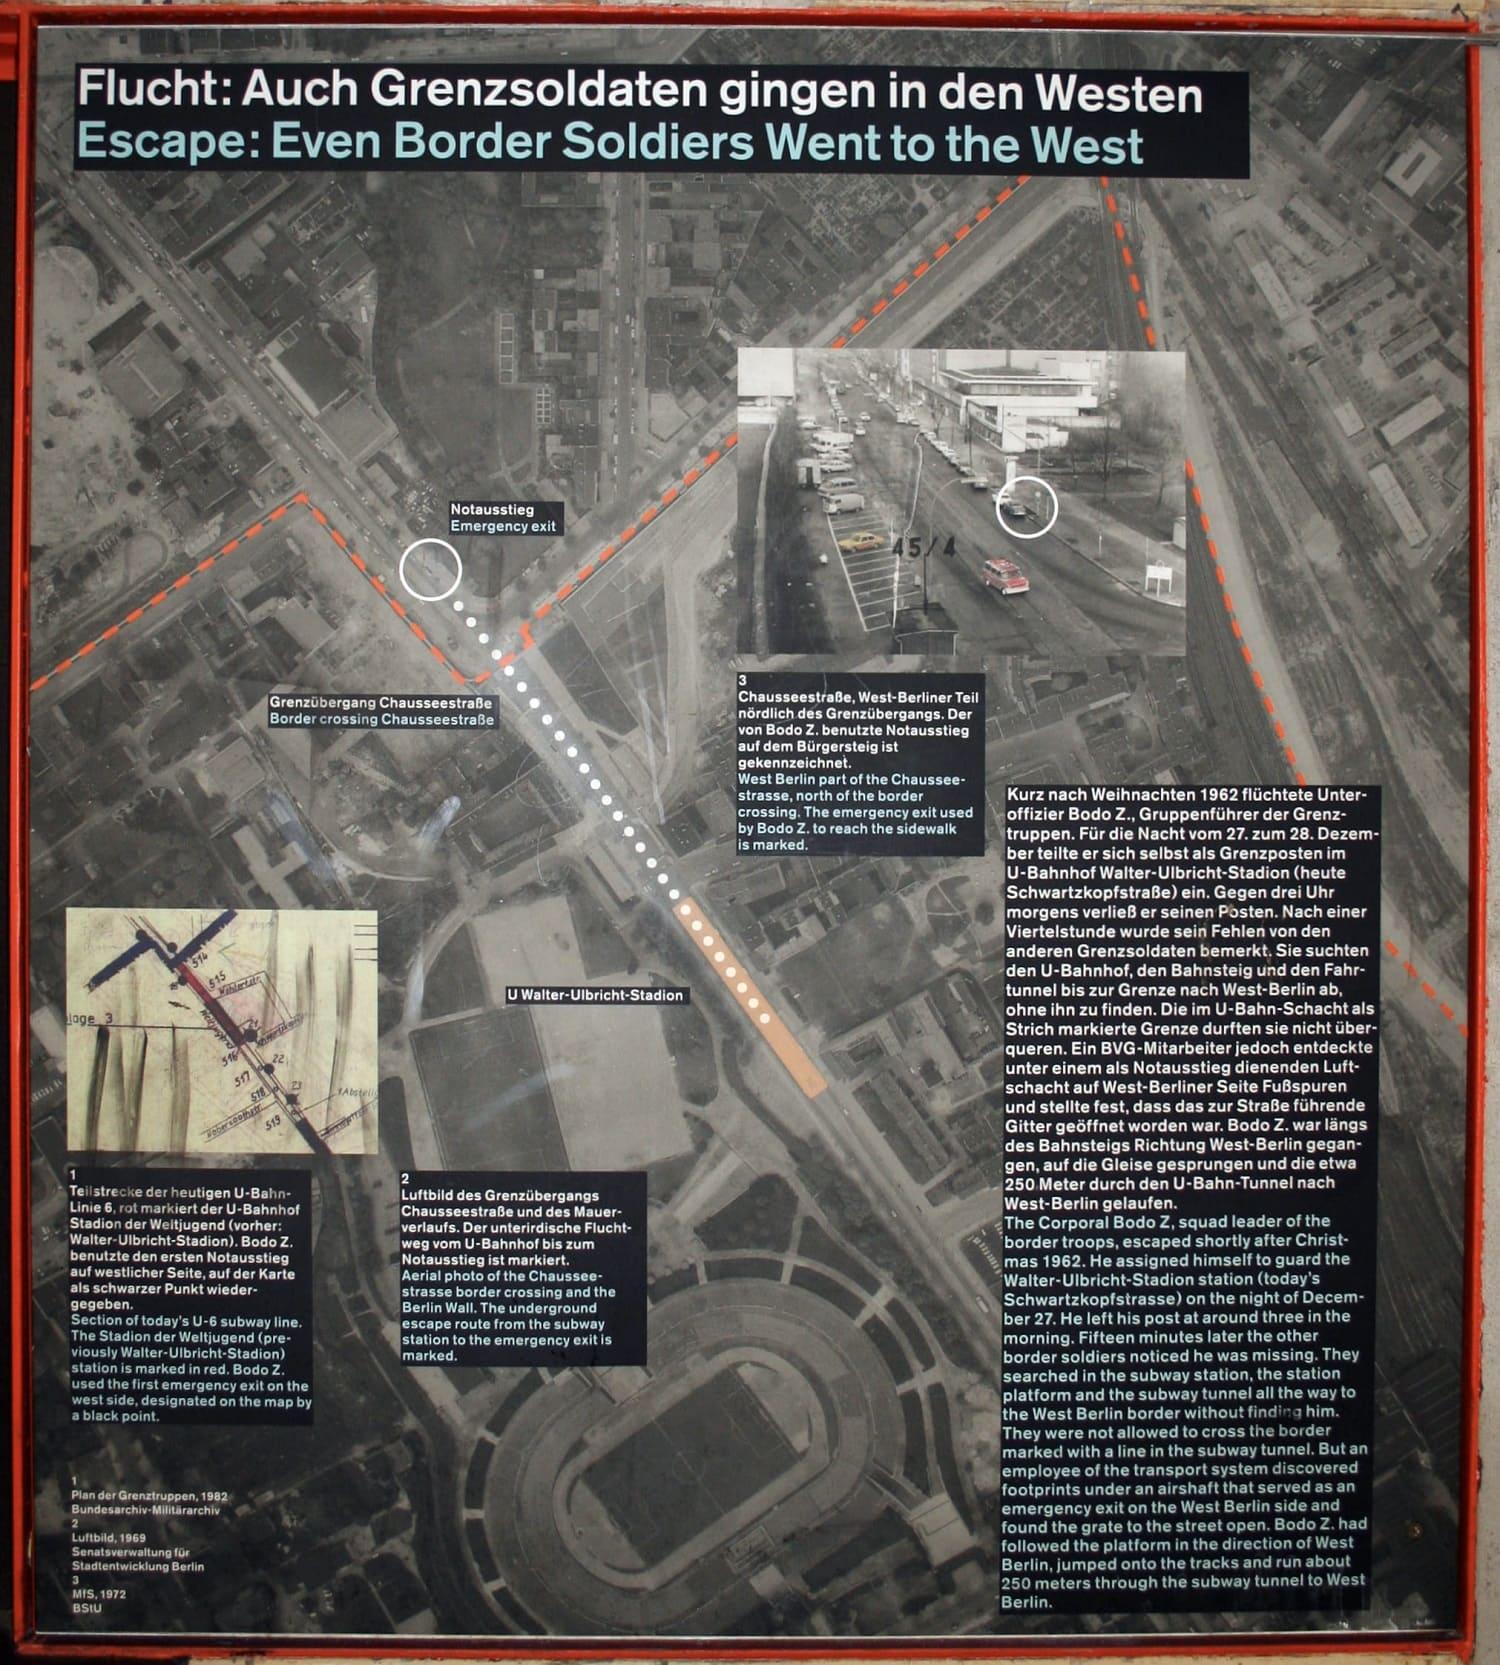 """© Ausstellung """"Grenz- und Geisterbahnhöfe im geteilten Berlin"""" Tafel zur Flucht des Bodo Z. © Gedenkstätte Berliner Mauer"""